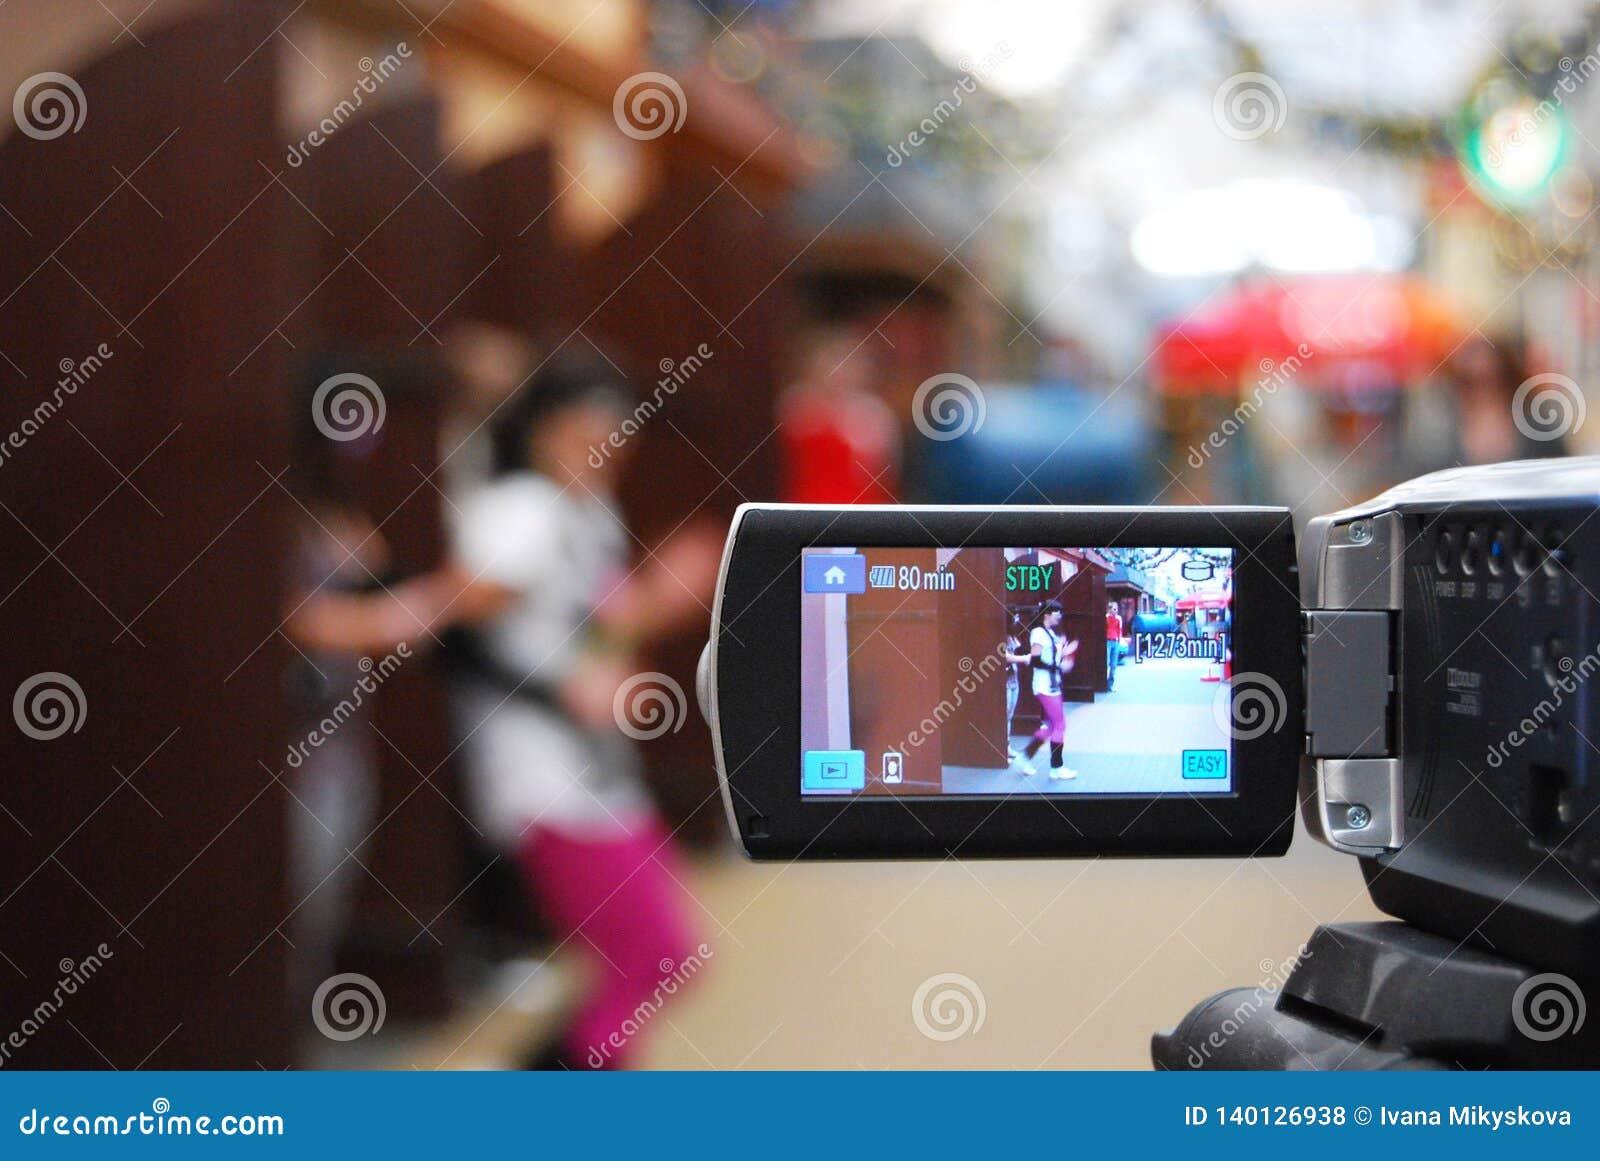 Filmando um grampo